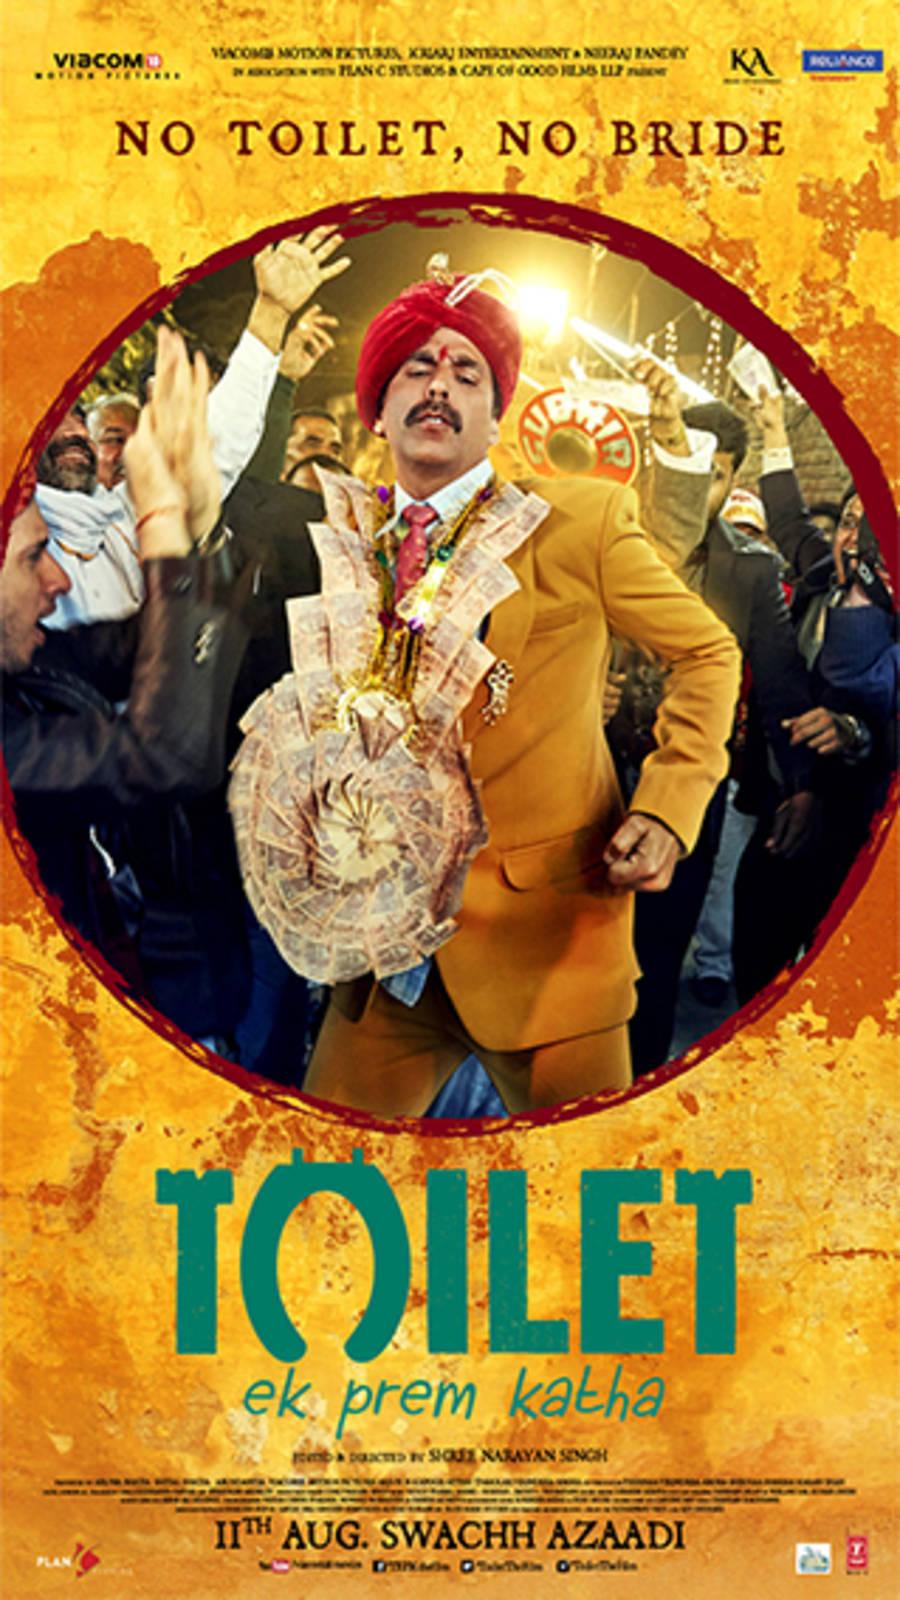 No Toilet, No Bride Campaign Sees Success in Haryana